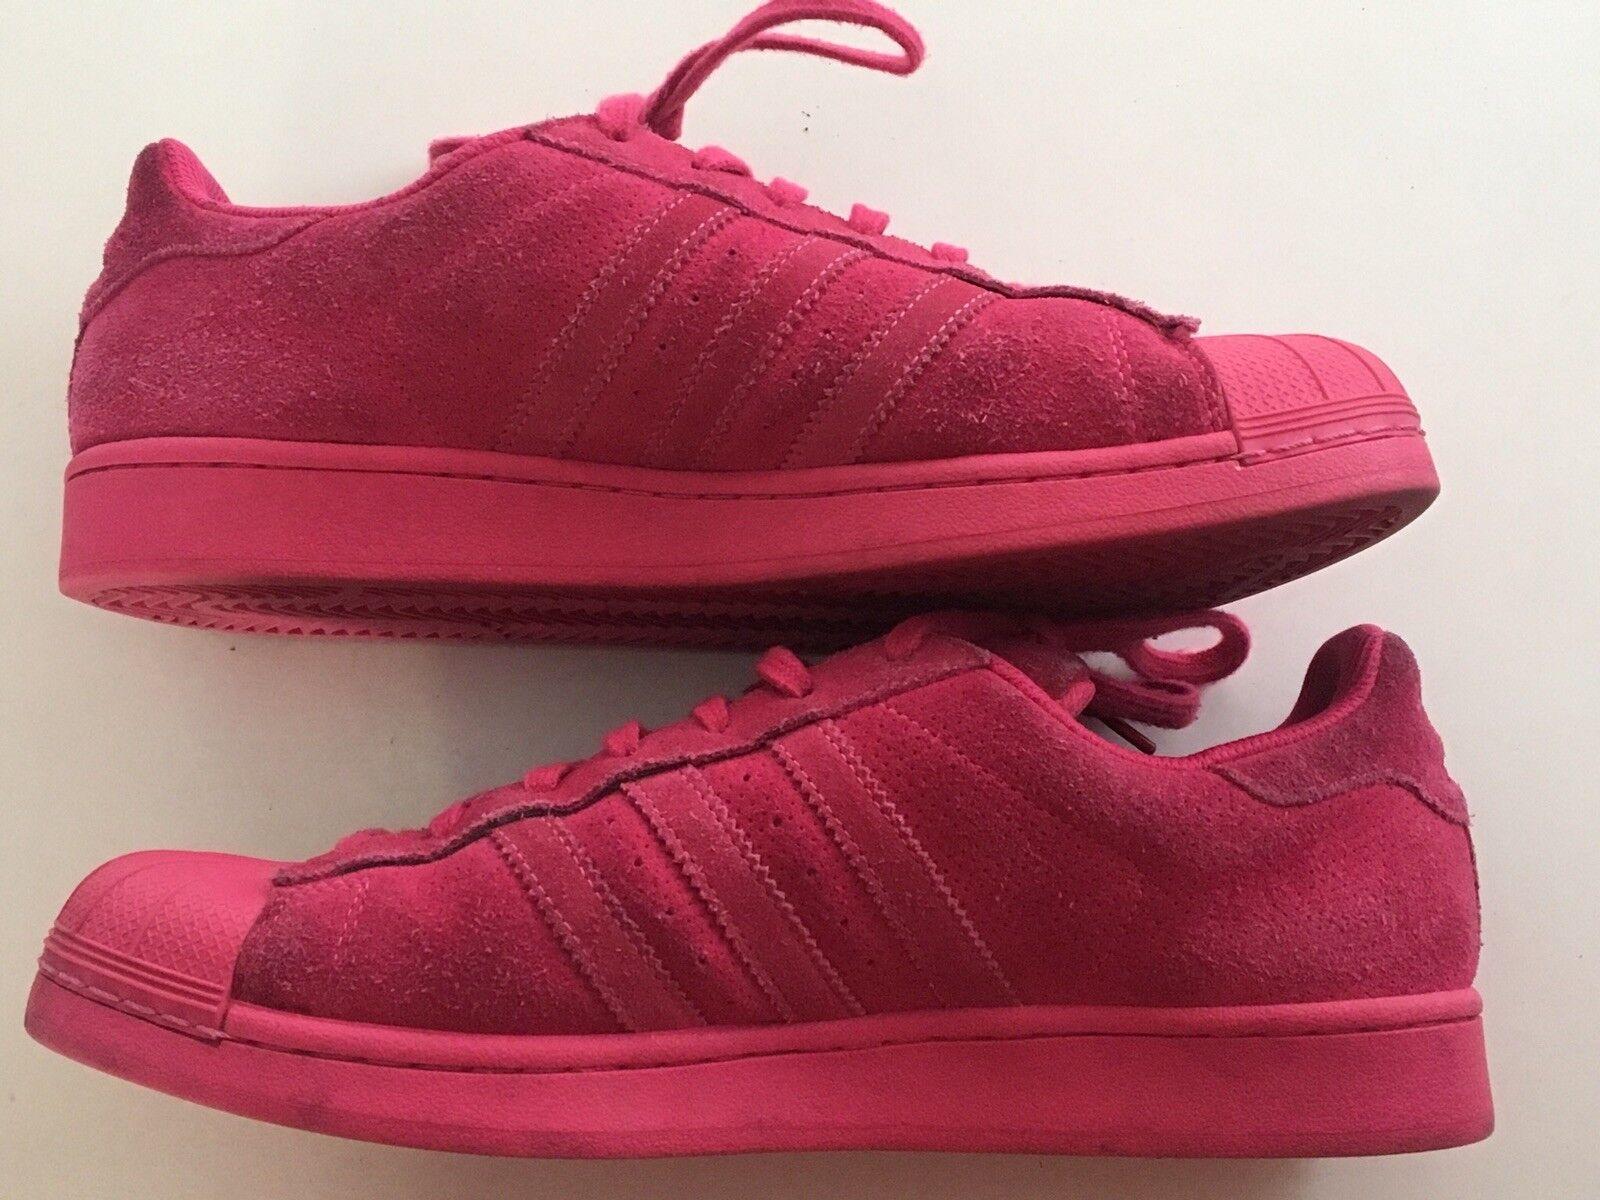 Adidas Originals AQ4166 Superstar Adicolor Men's Shoes AQ4166 Originals Suede Equity Pink 10 1/2 8948ec